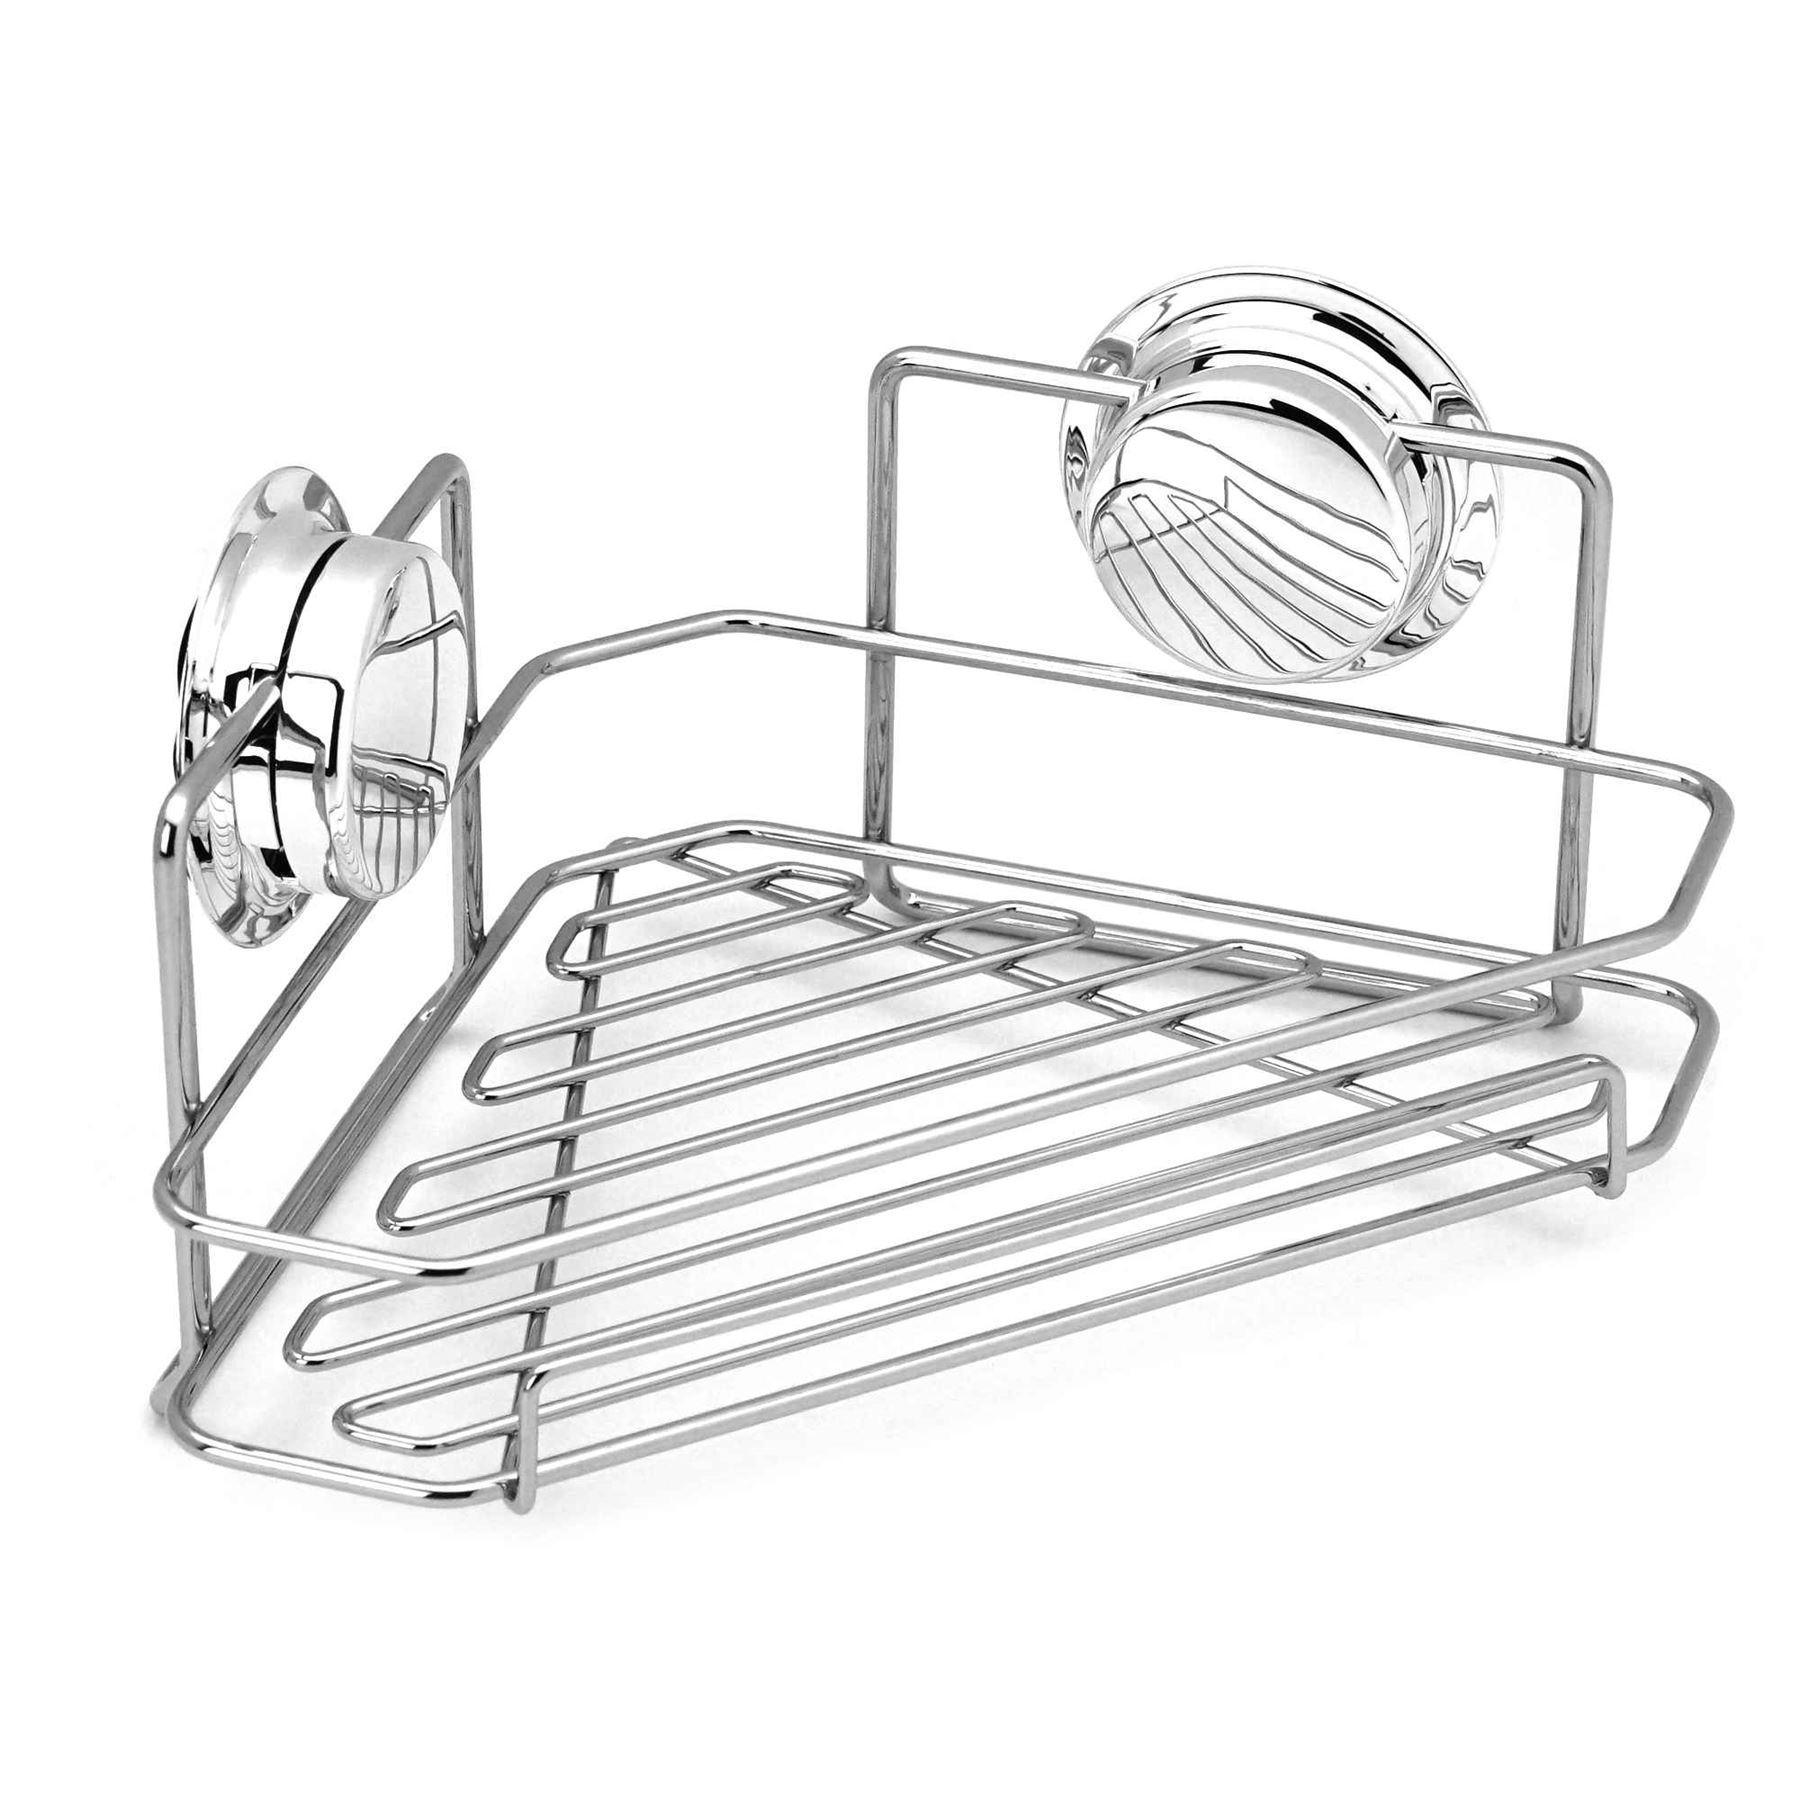 Bathroom Shower Caddy Twist Amp Lock Suction Cup Corner Bath